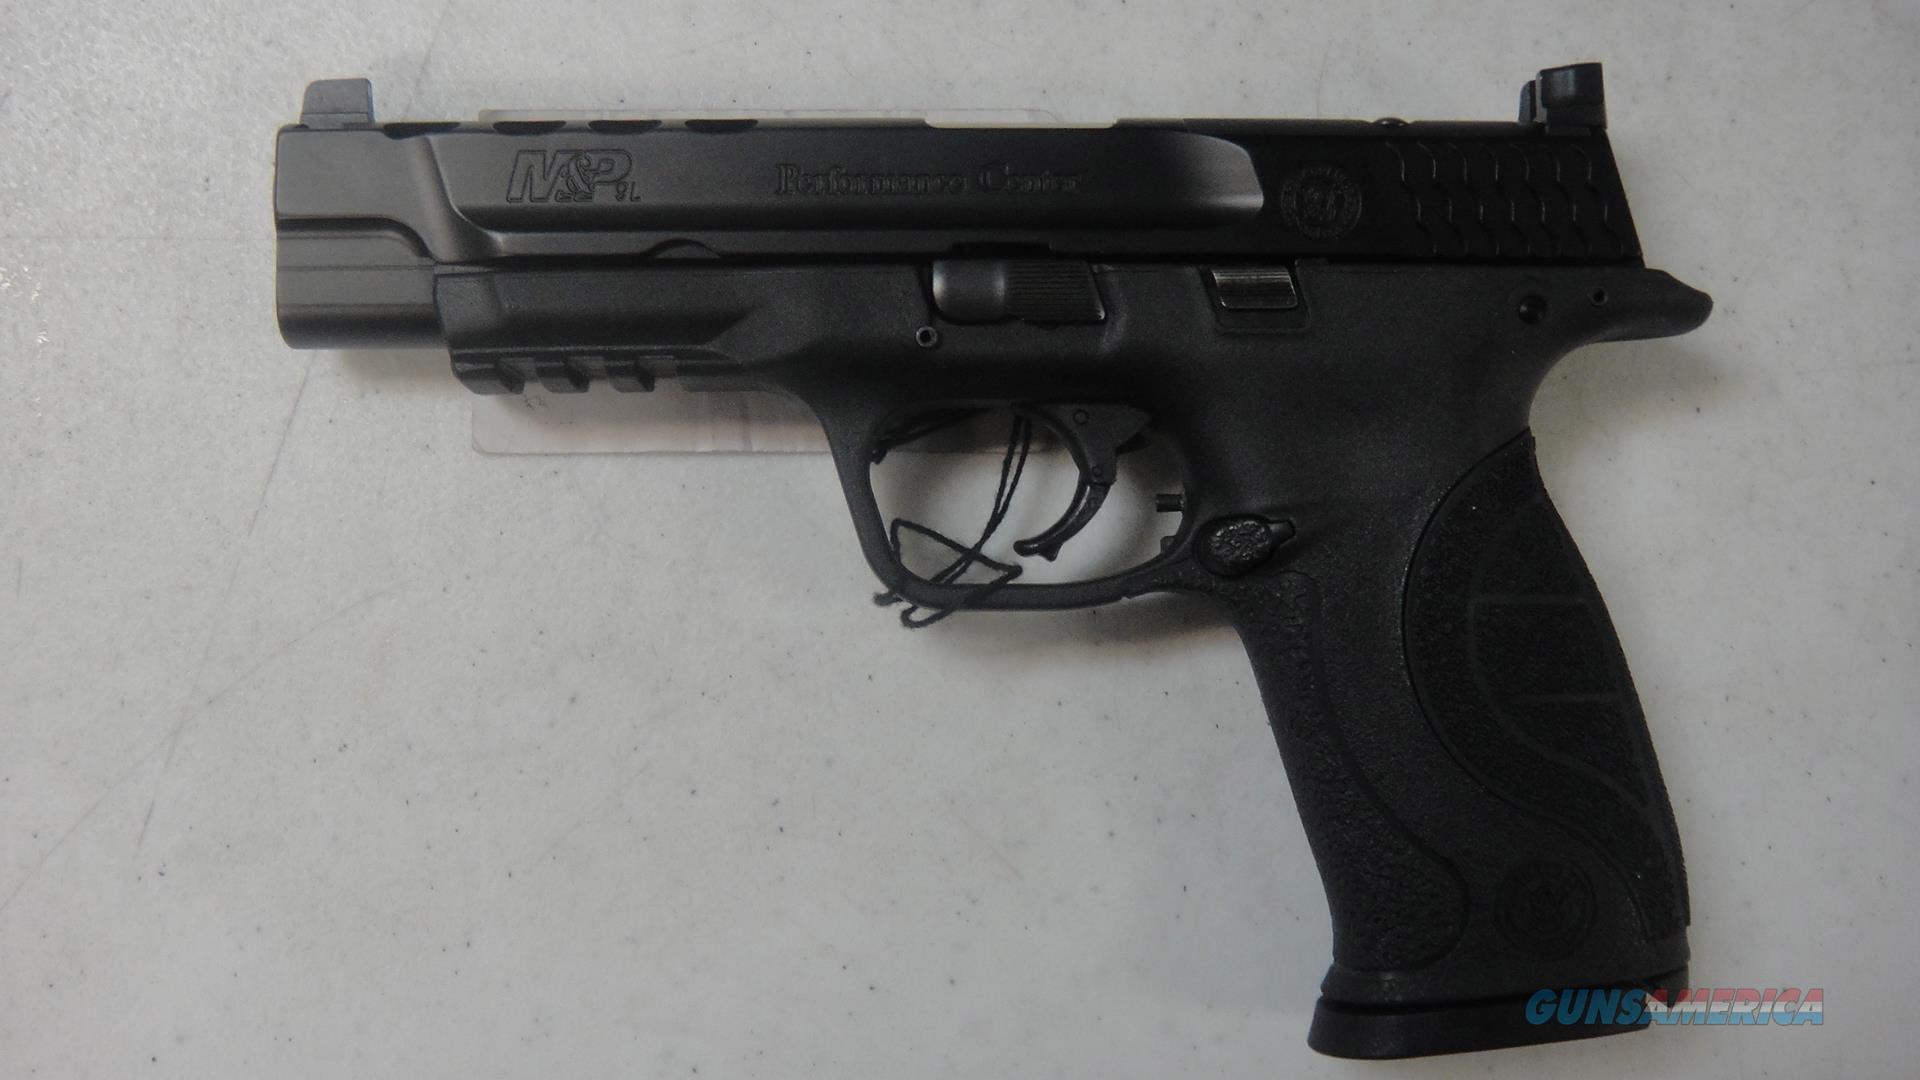 Smith & Wesson M+PL C.O.R.E  Guns > Pistols > Smith & Wesson Pistols - Autos > Polymer Frame